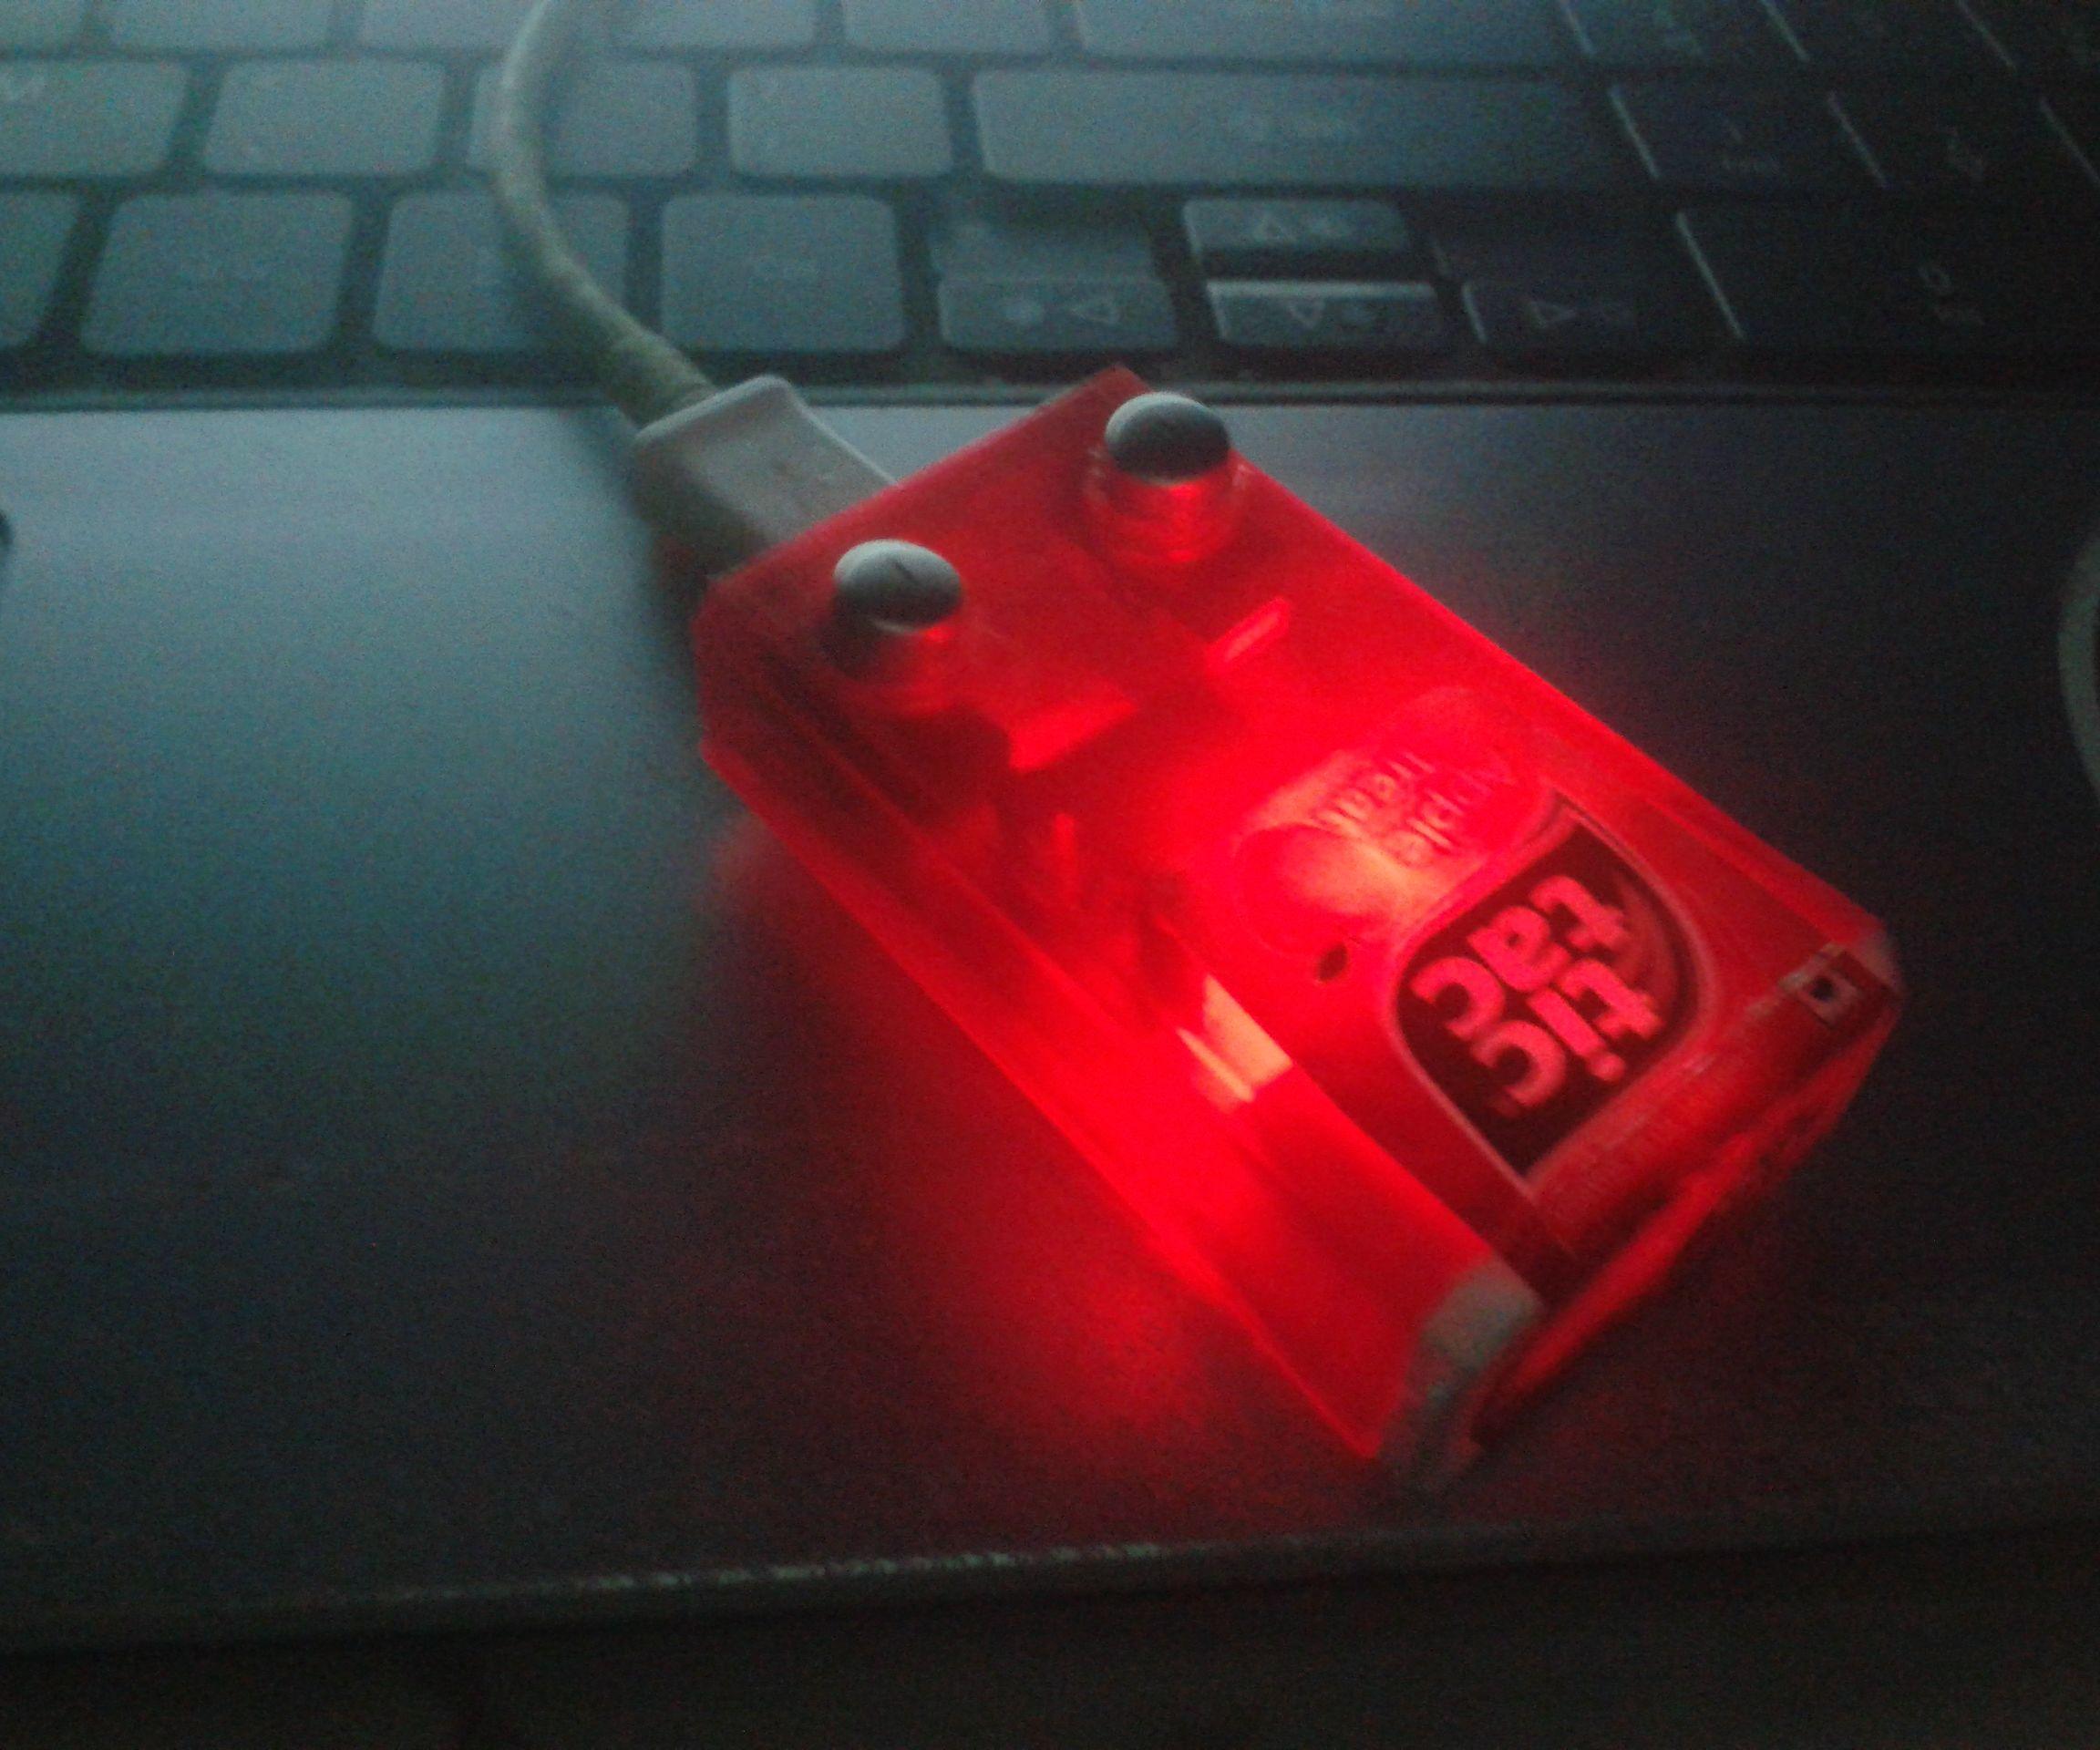 MINI MOUSE (Pocket Mouse)